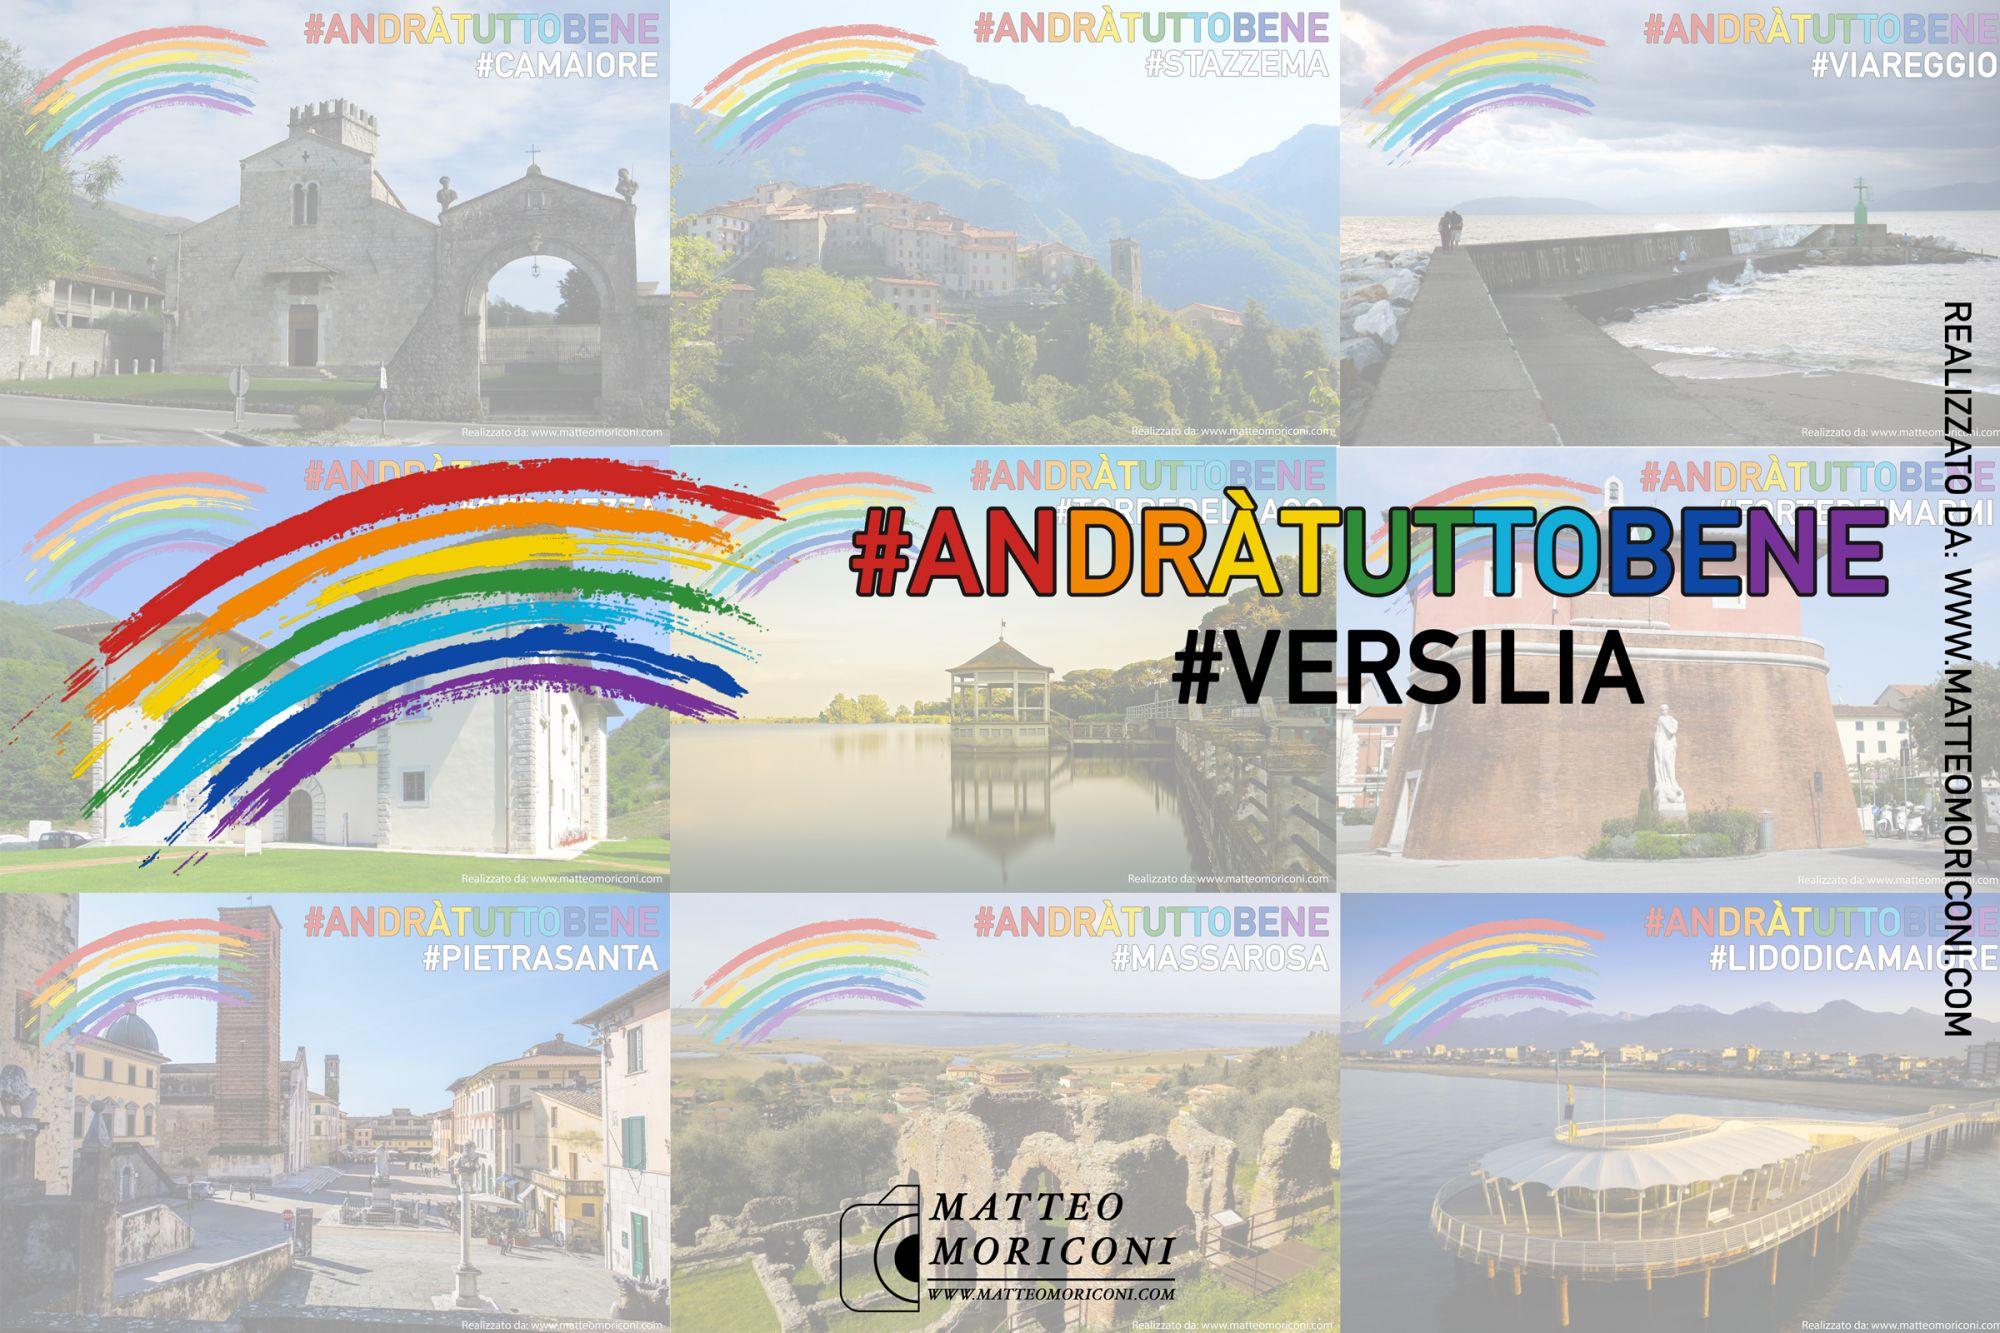 Emergenza sanitaria da Coronavirus e turismo, in Toscana formata l'unità di crisi